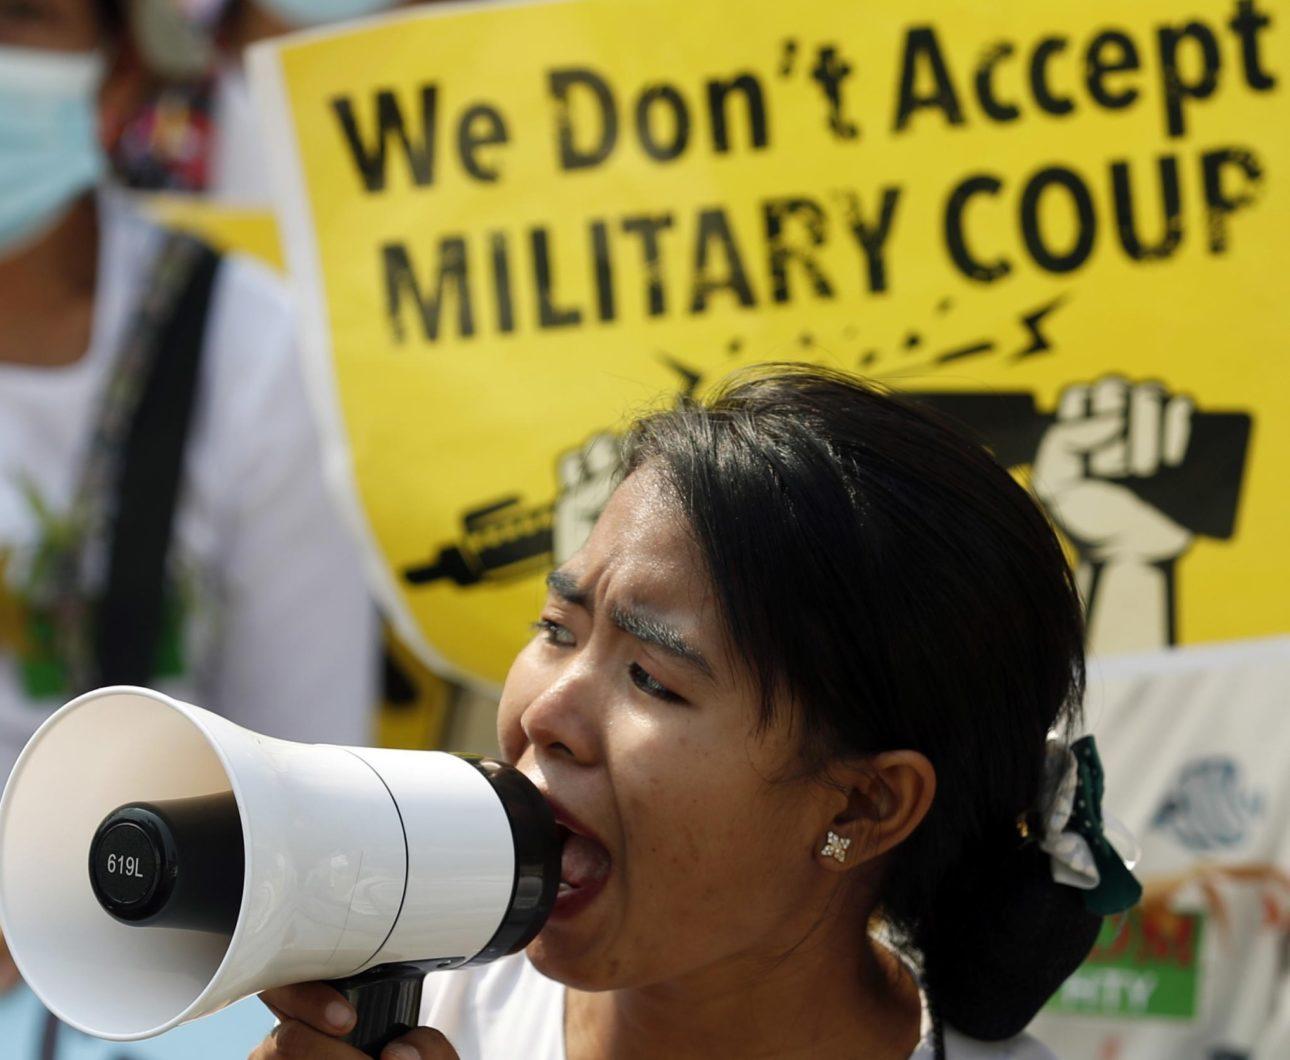 """Una donna protesta a Yangon: """"Noi non accettiamo il colpo di stato militare"""""""